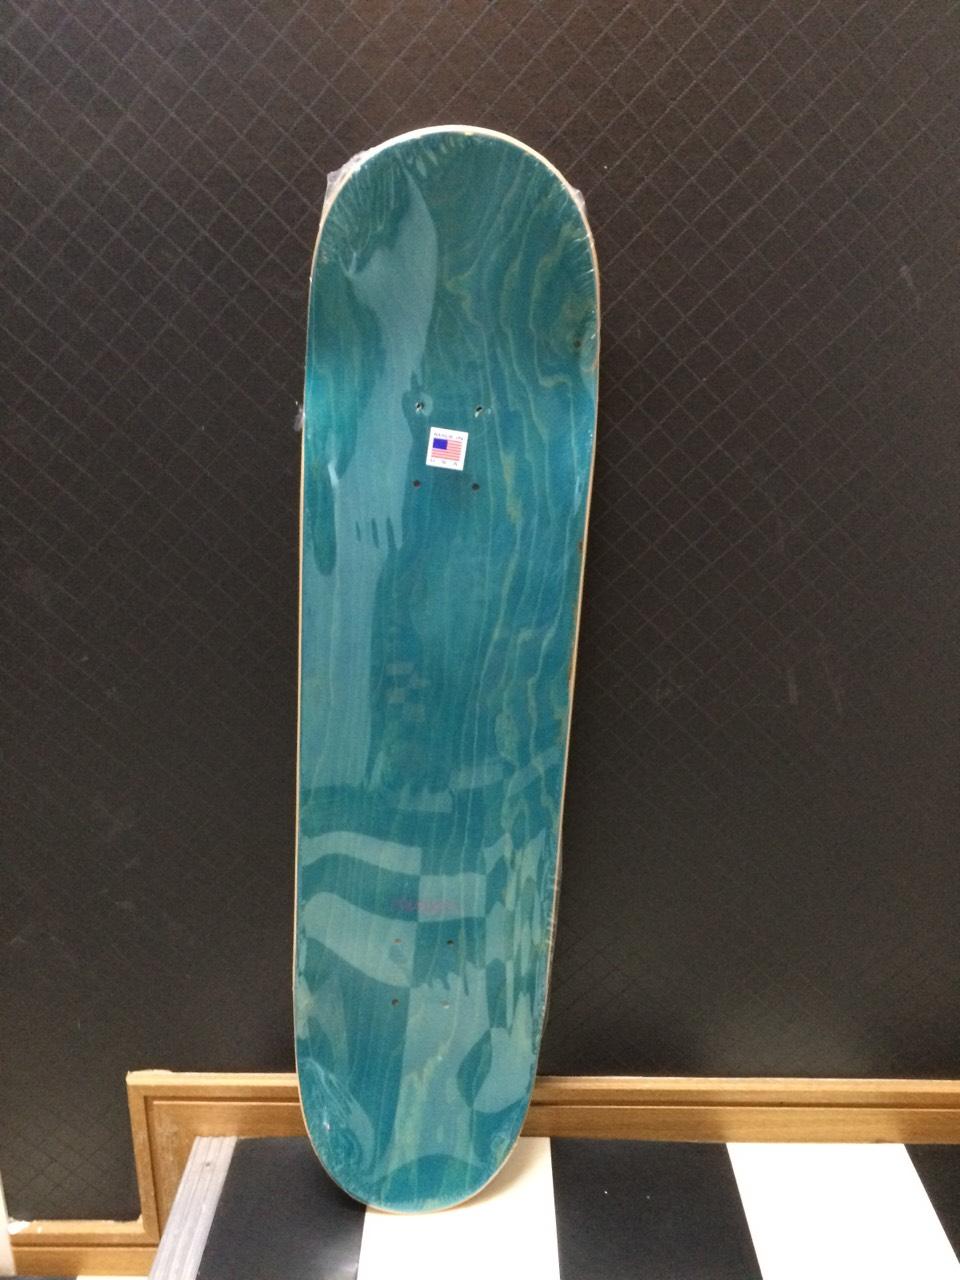 mishka_skateboard02